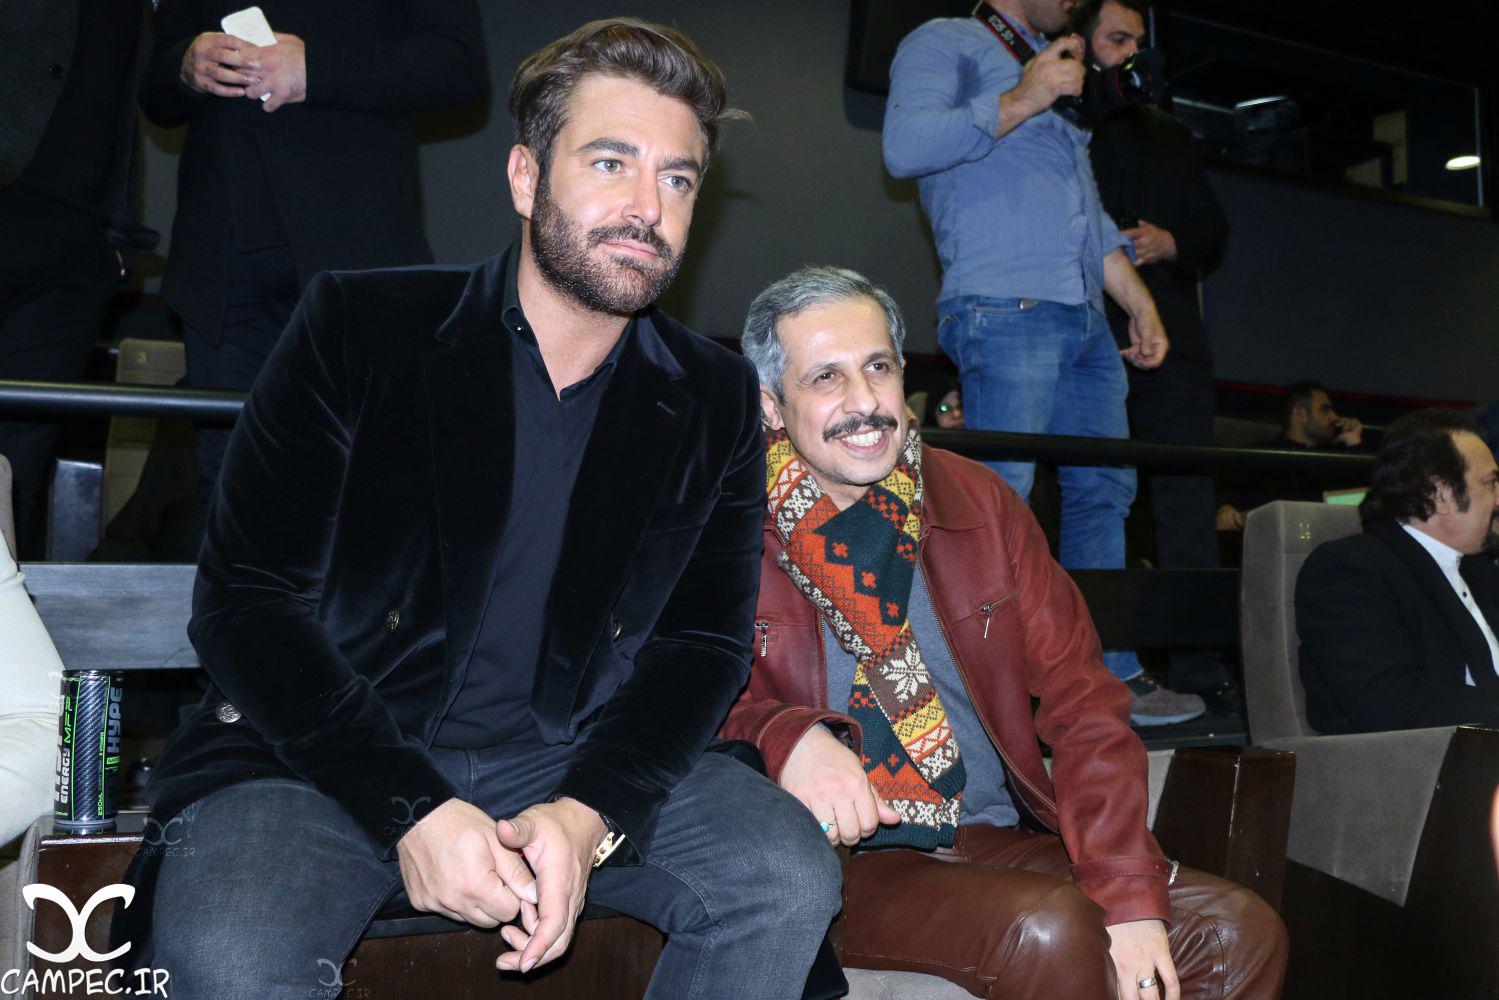 جواد رضویان و رضا گلزار در اکران خصوصی فیلم سلام بمبئی